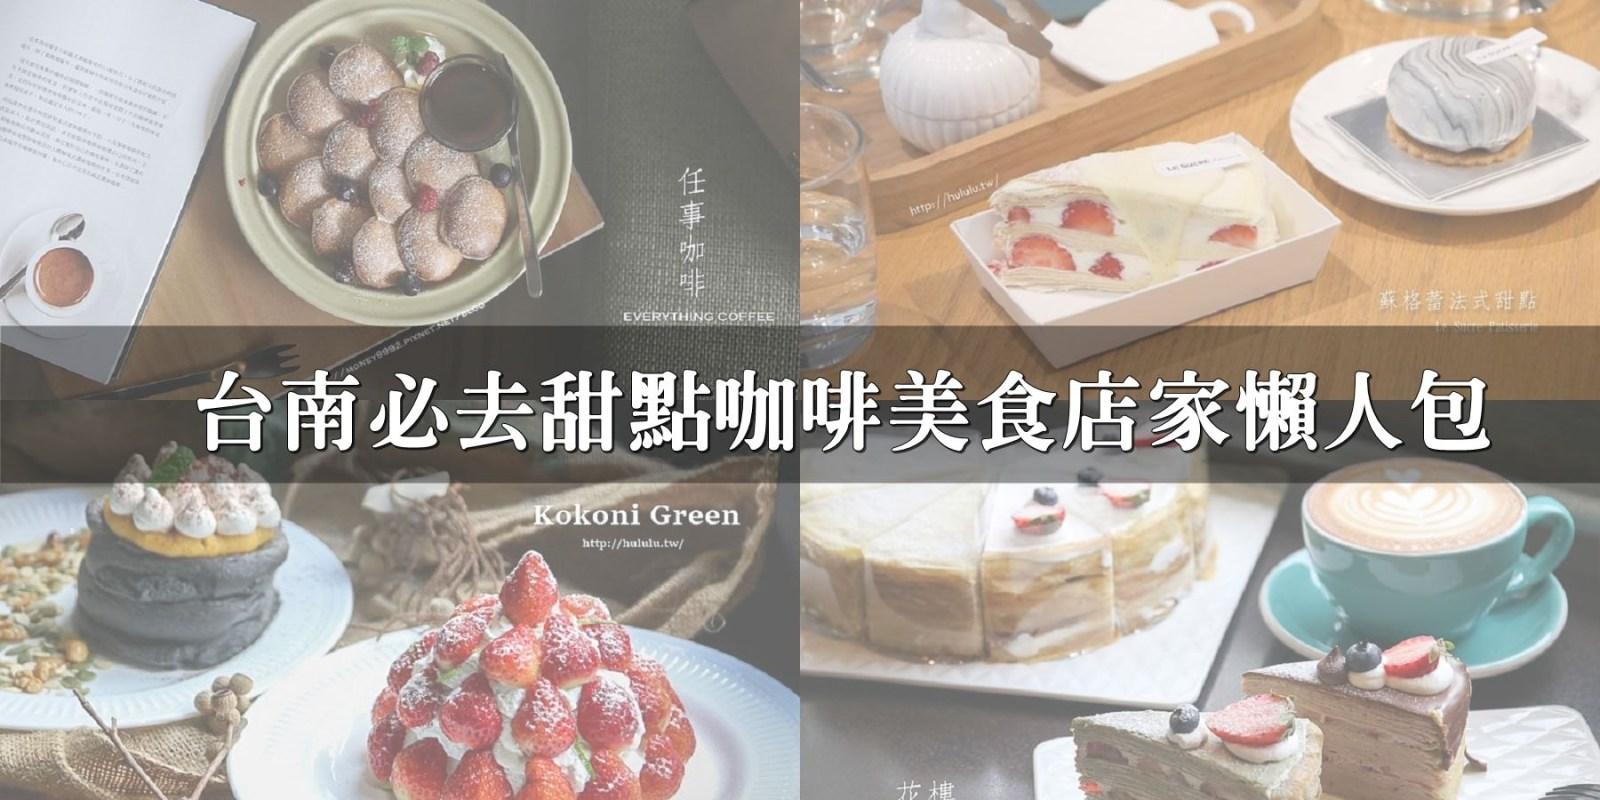 台南甜點下午茶  台南必去甜點咖啡美食店家懶人包【2018/8月更新】 (台南懶人包)|推薦|